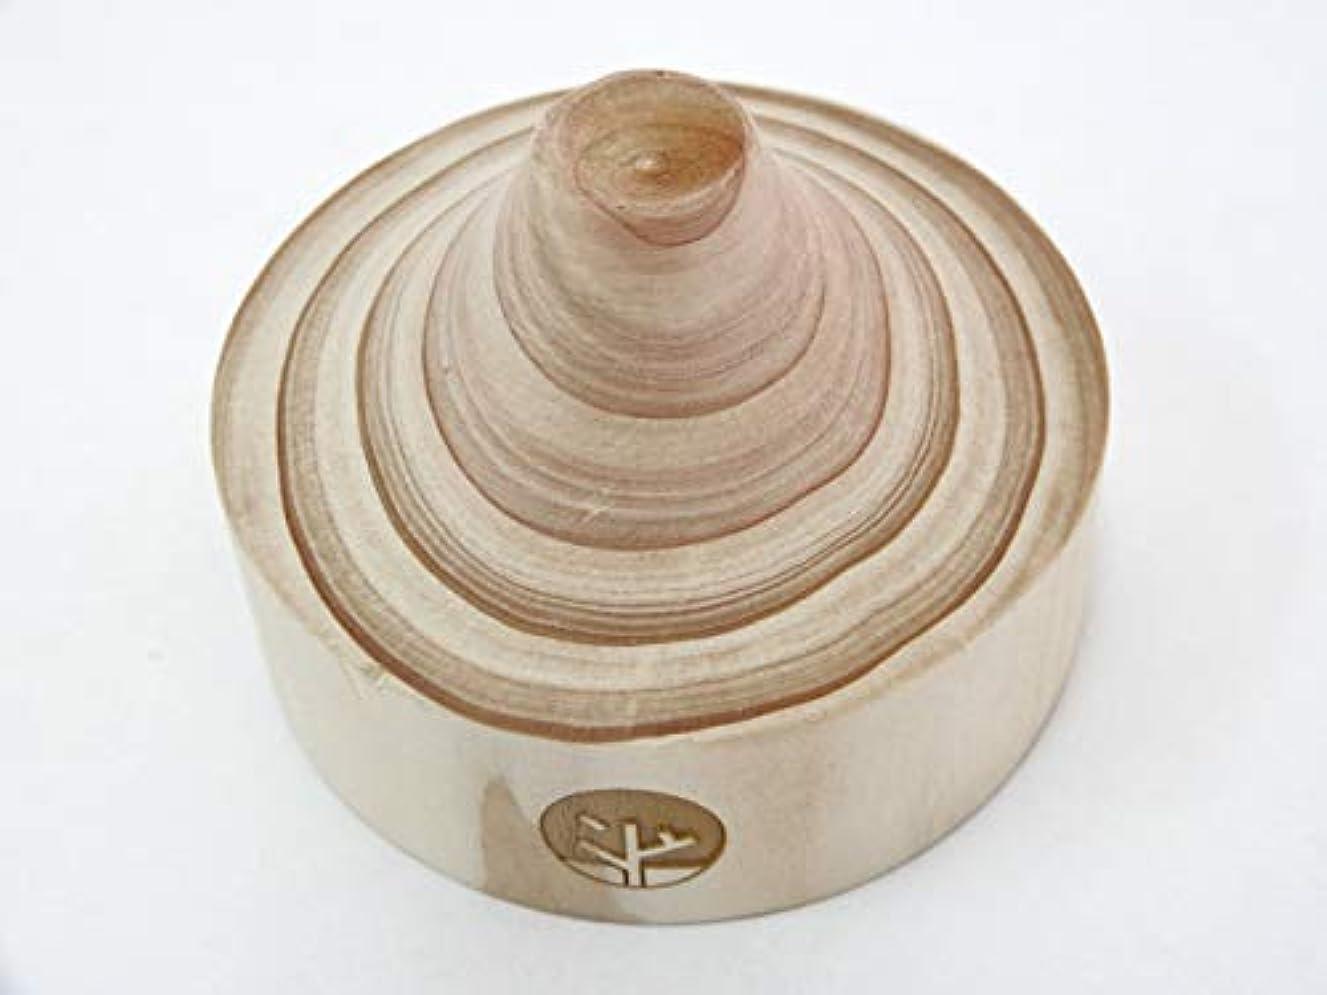 何か解き明かす偉業一郎木創 木製 アロマディッシュ 心持木受香器 火山 桧 TL-97-7